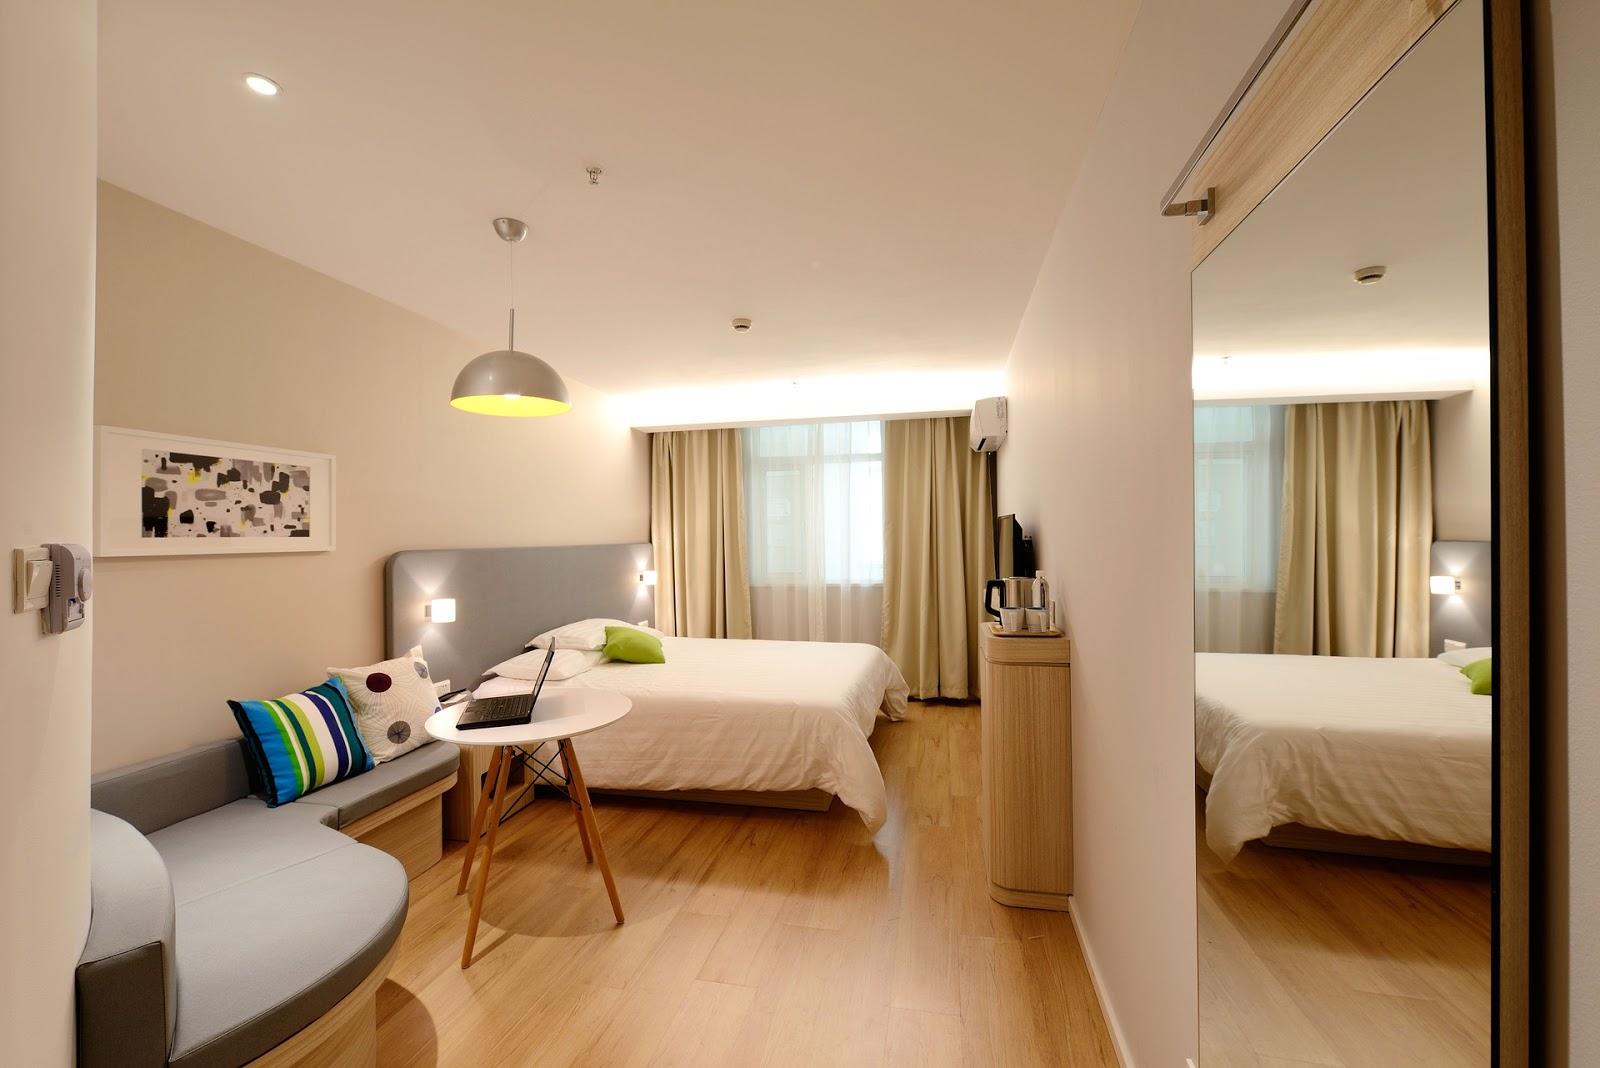 Hoteles y apartamentos baratos